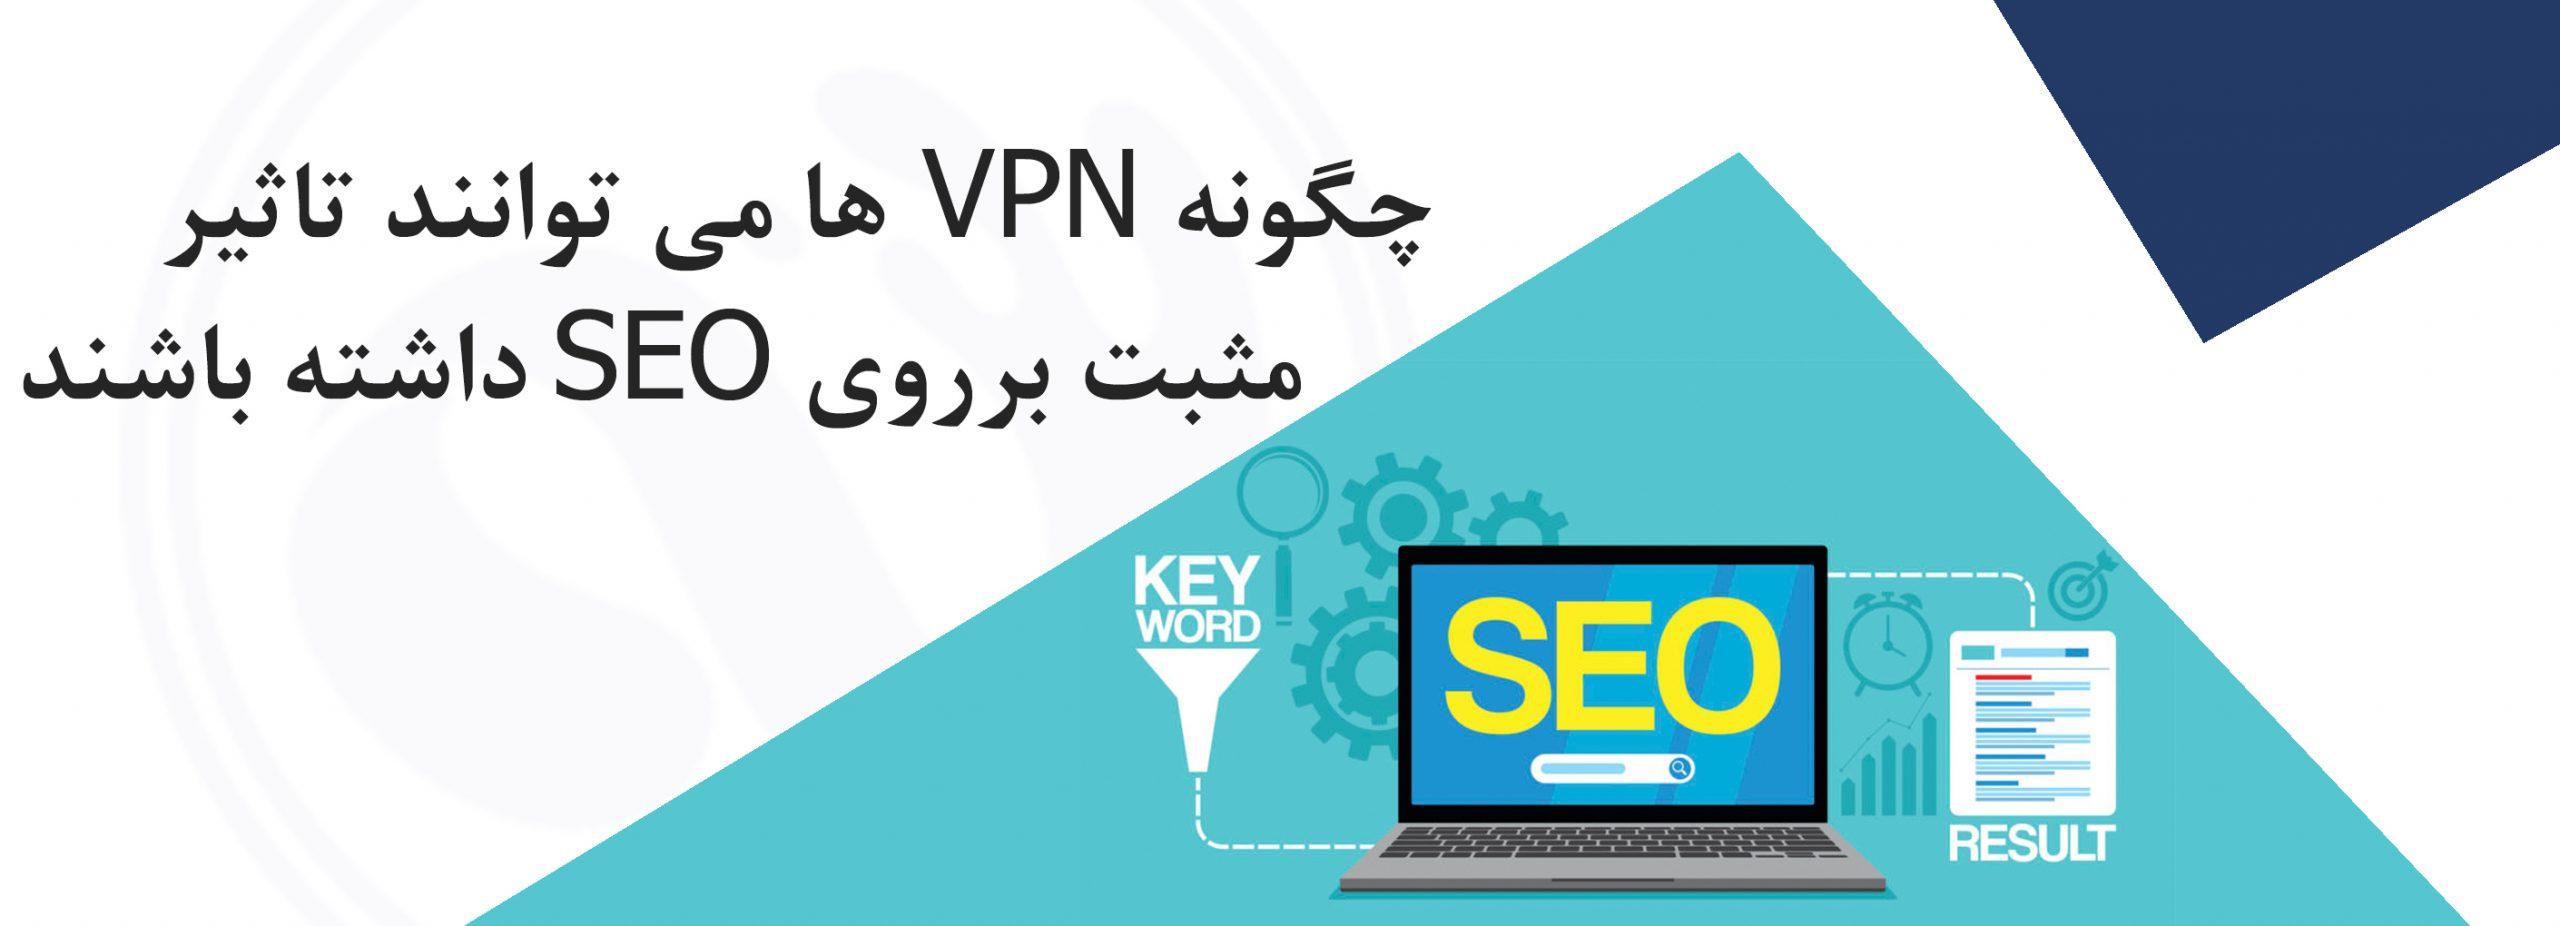 چگونه VPNها می توانند تاثیر مثبت برروی SEO داشته باشند